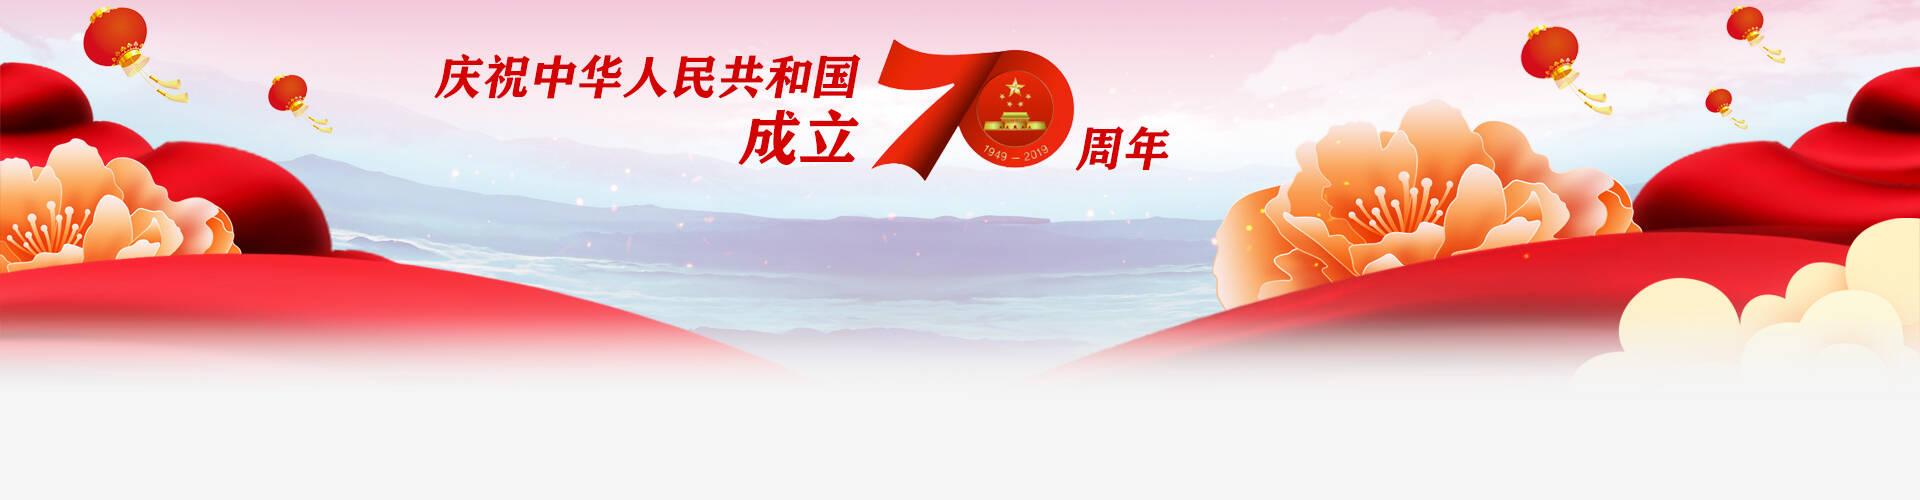 码云笔记热烈庆祝中华人民共和国成立70周年